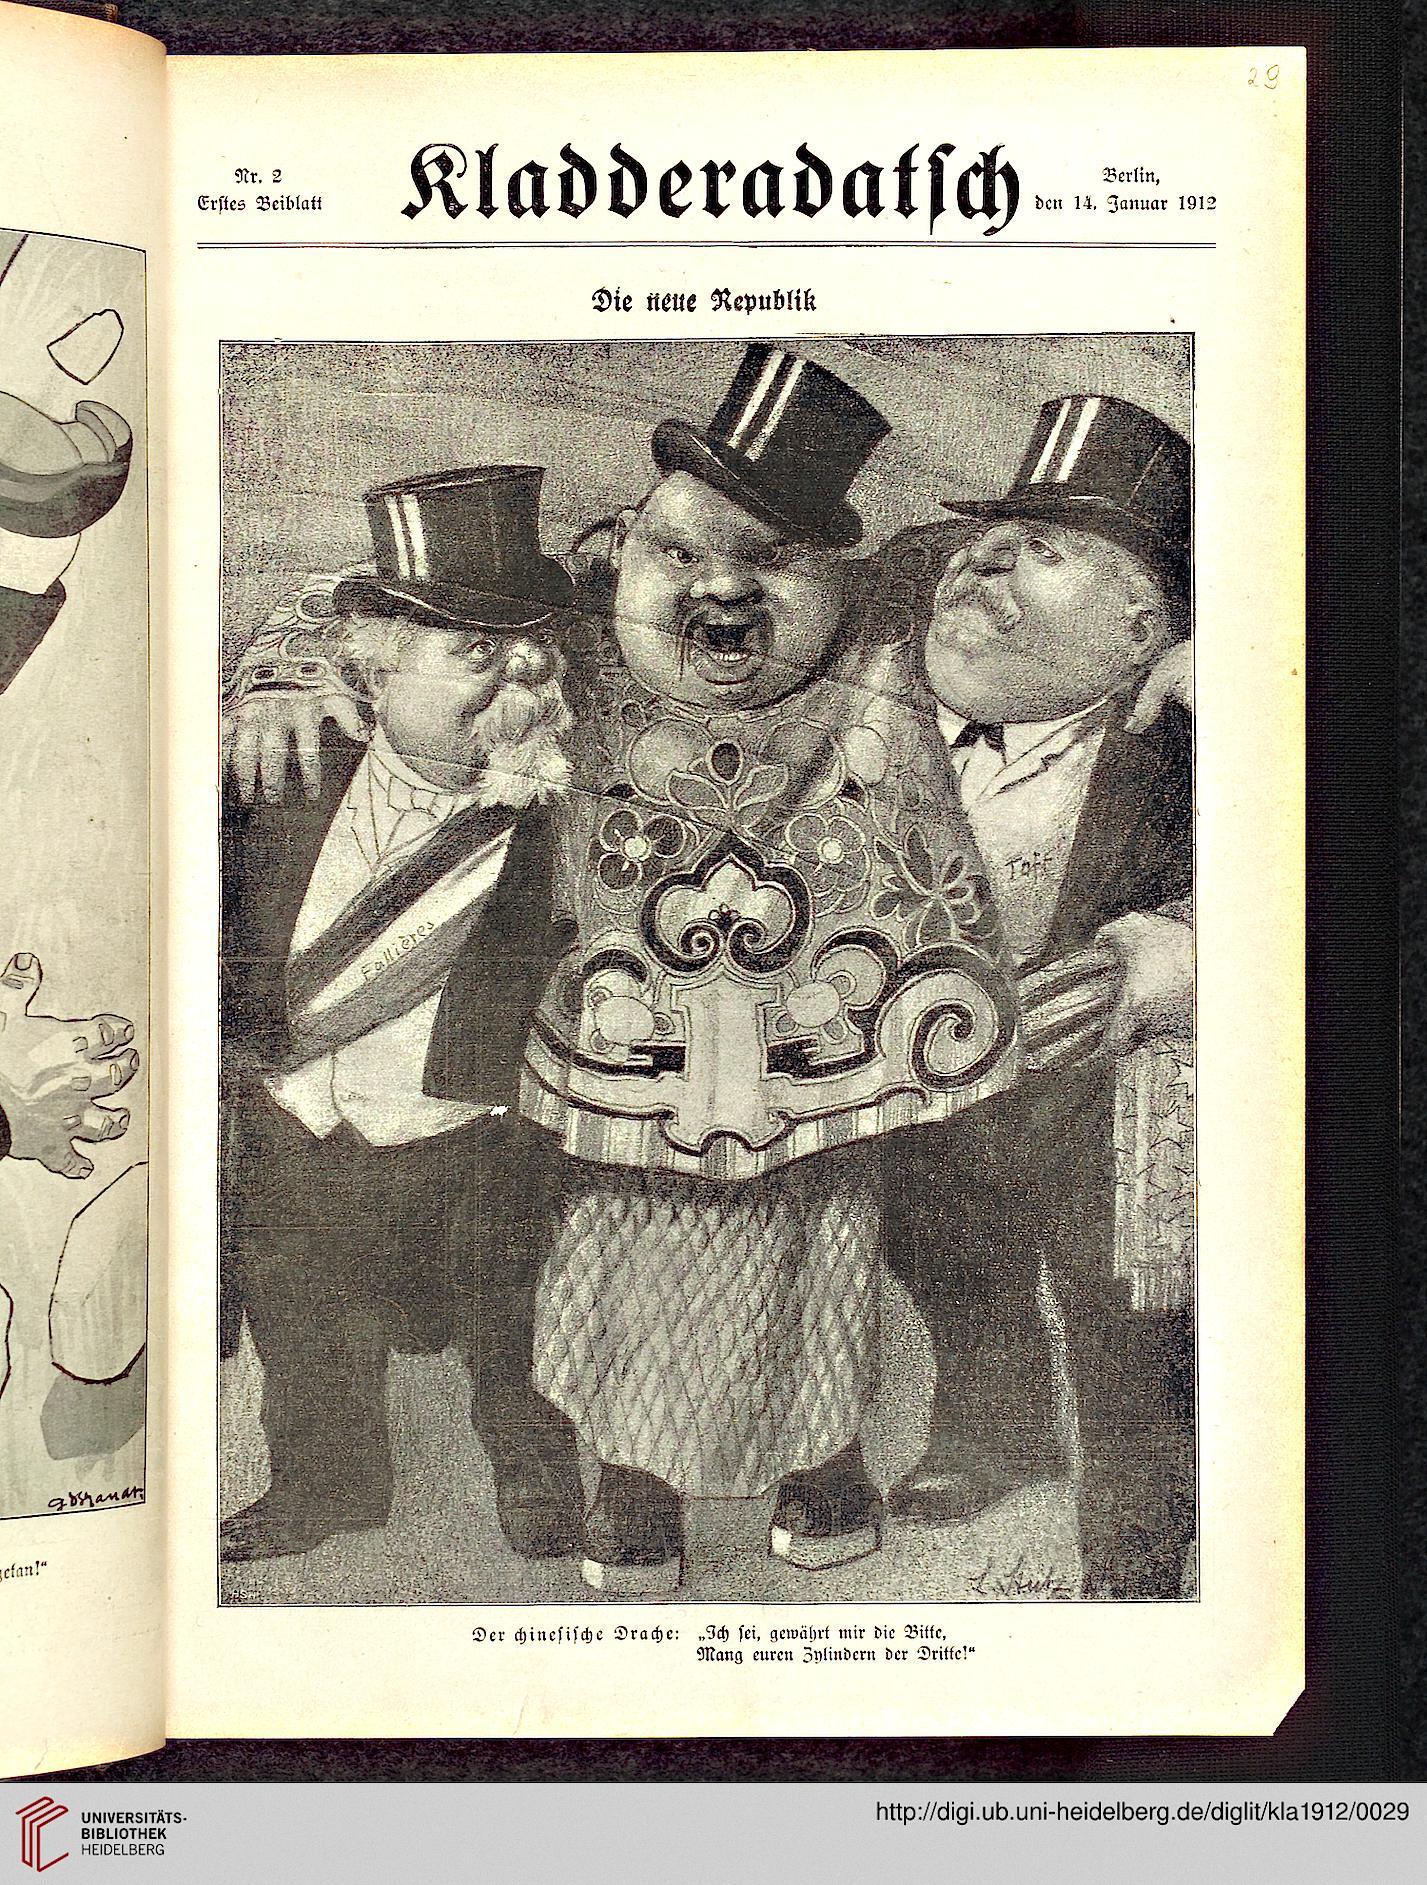 Die neue Republik (Kladderadatsch 65.1912)